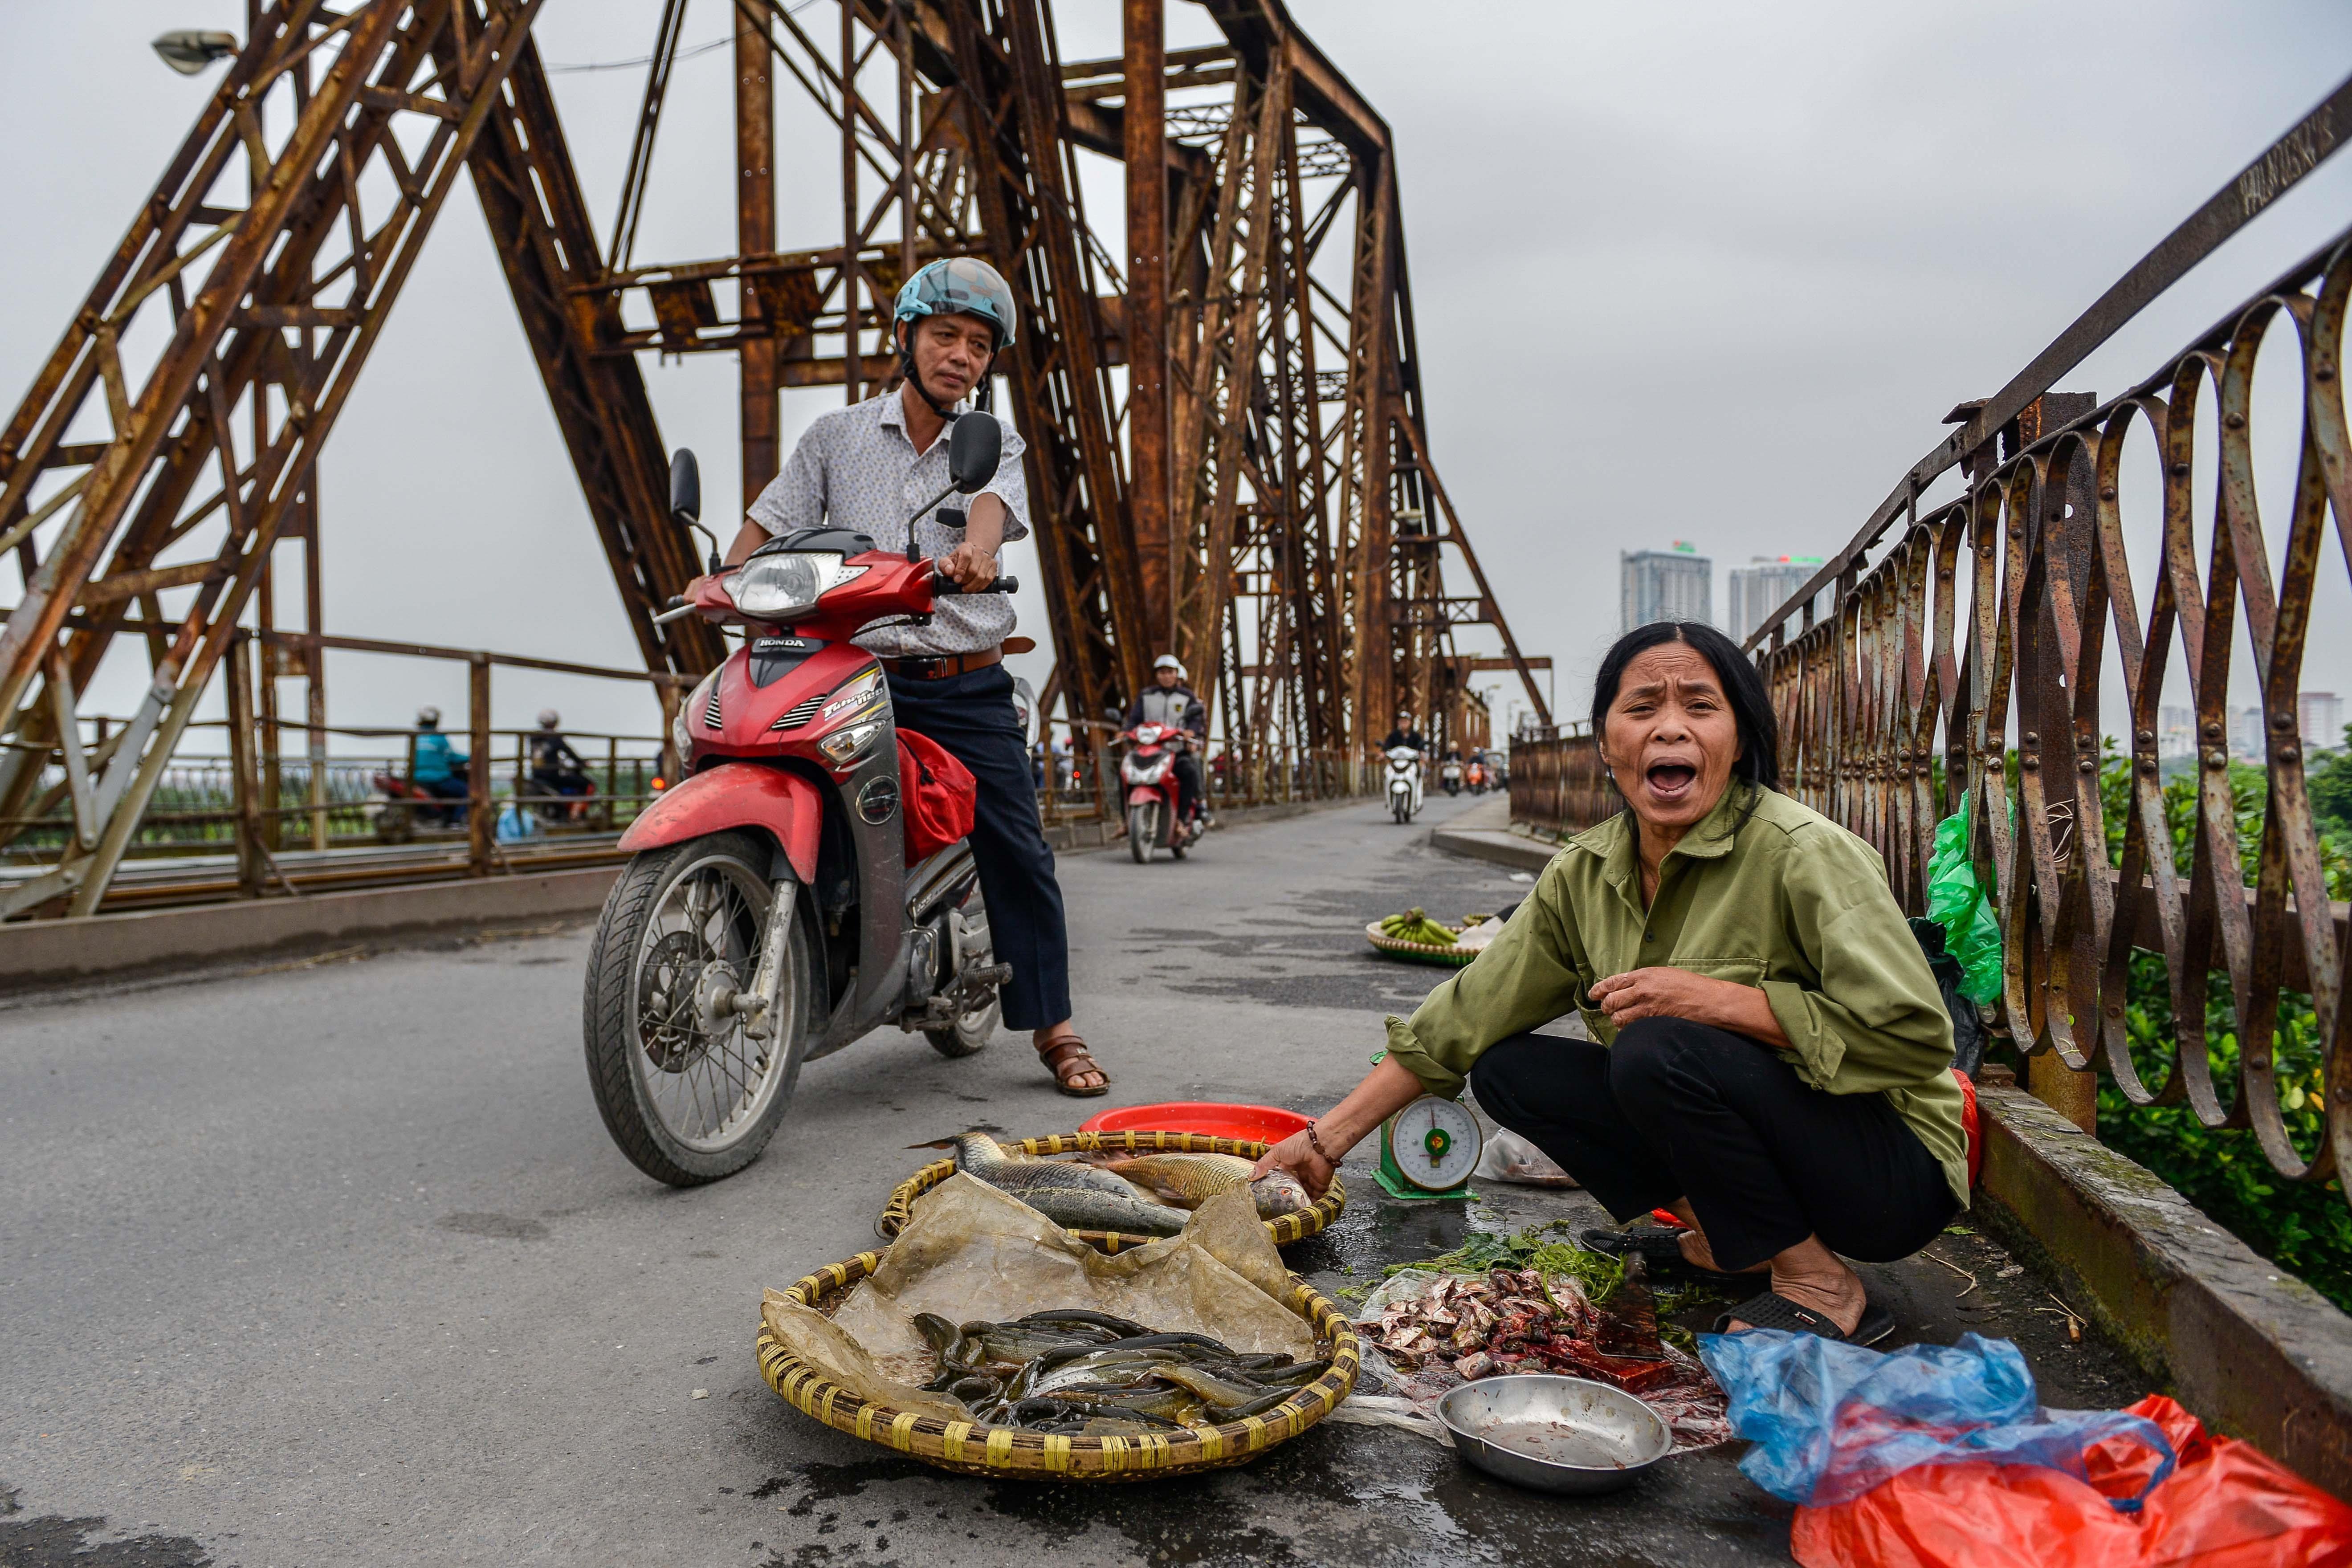 Cầu Long Biên thành chợ cóc, giao thông ùn ứ Ảnh 3